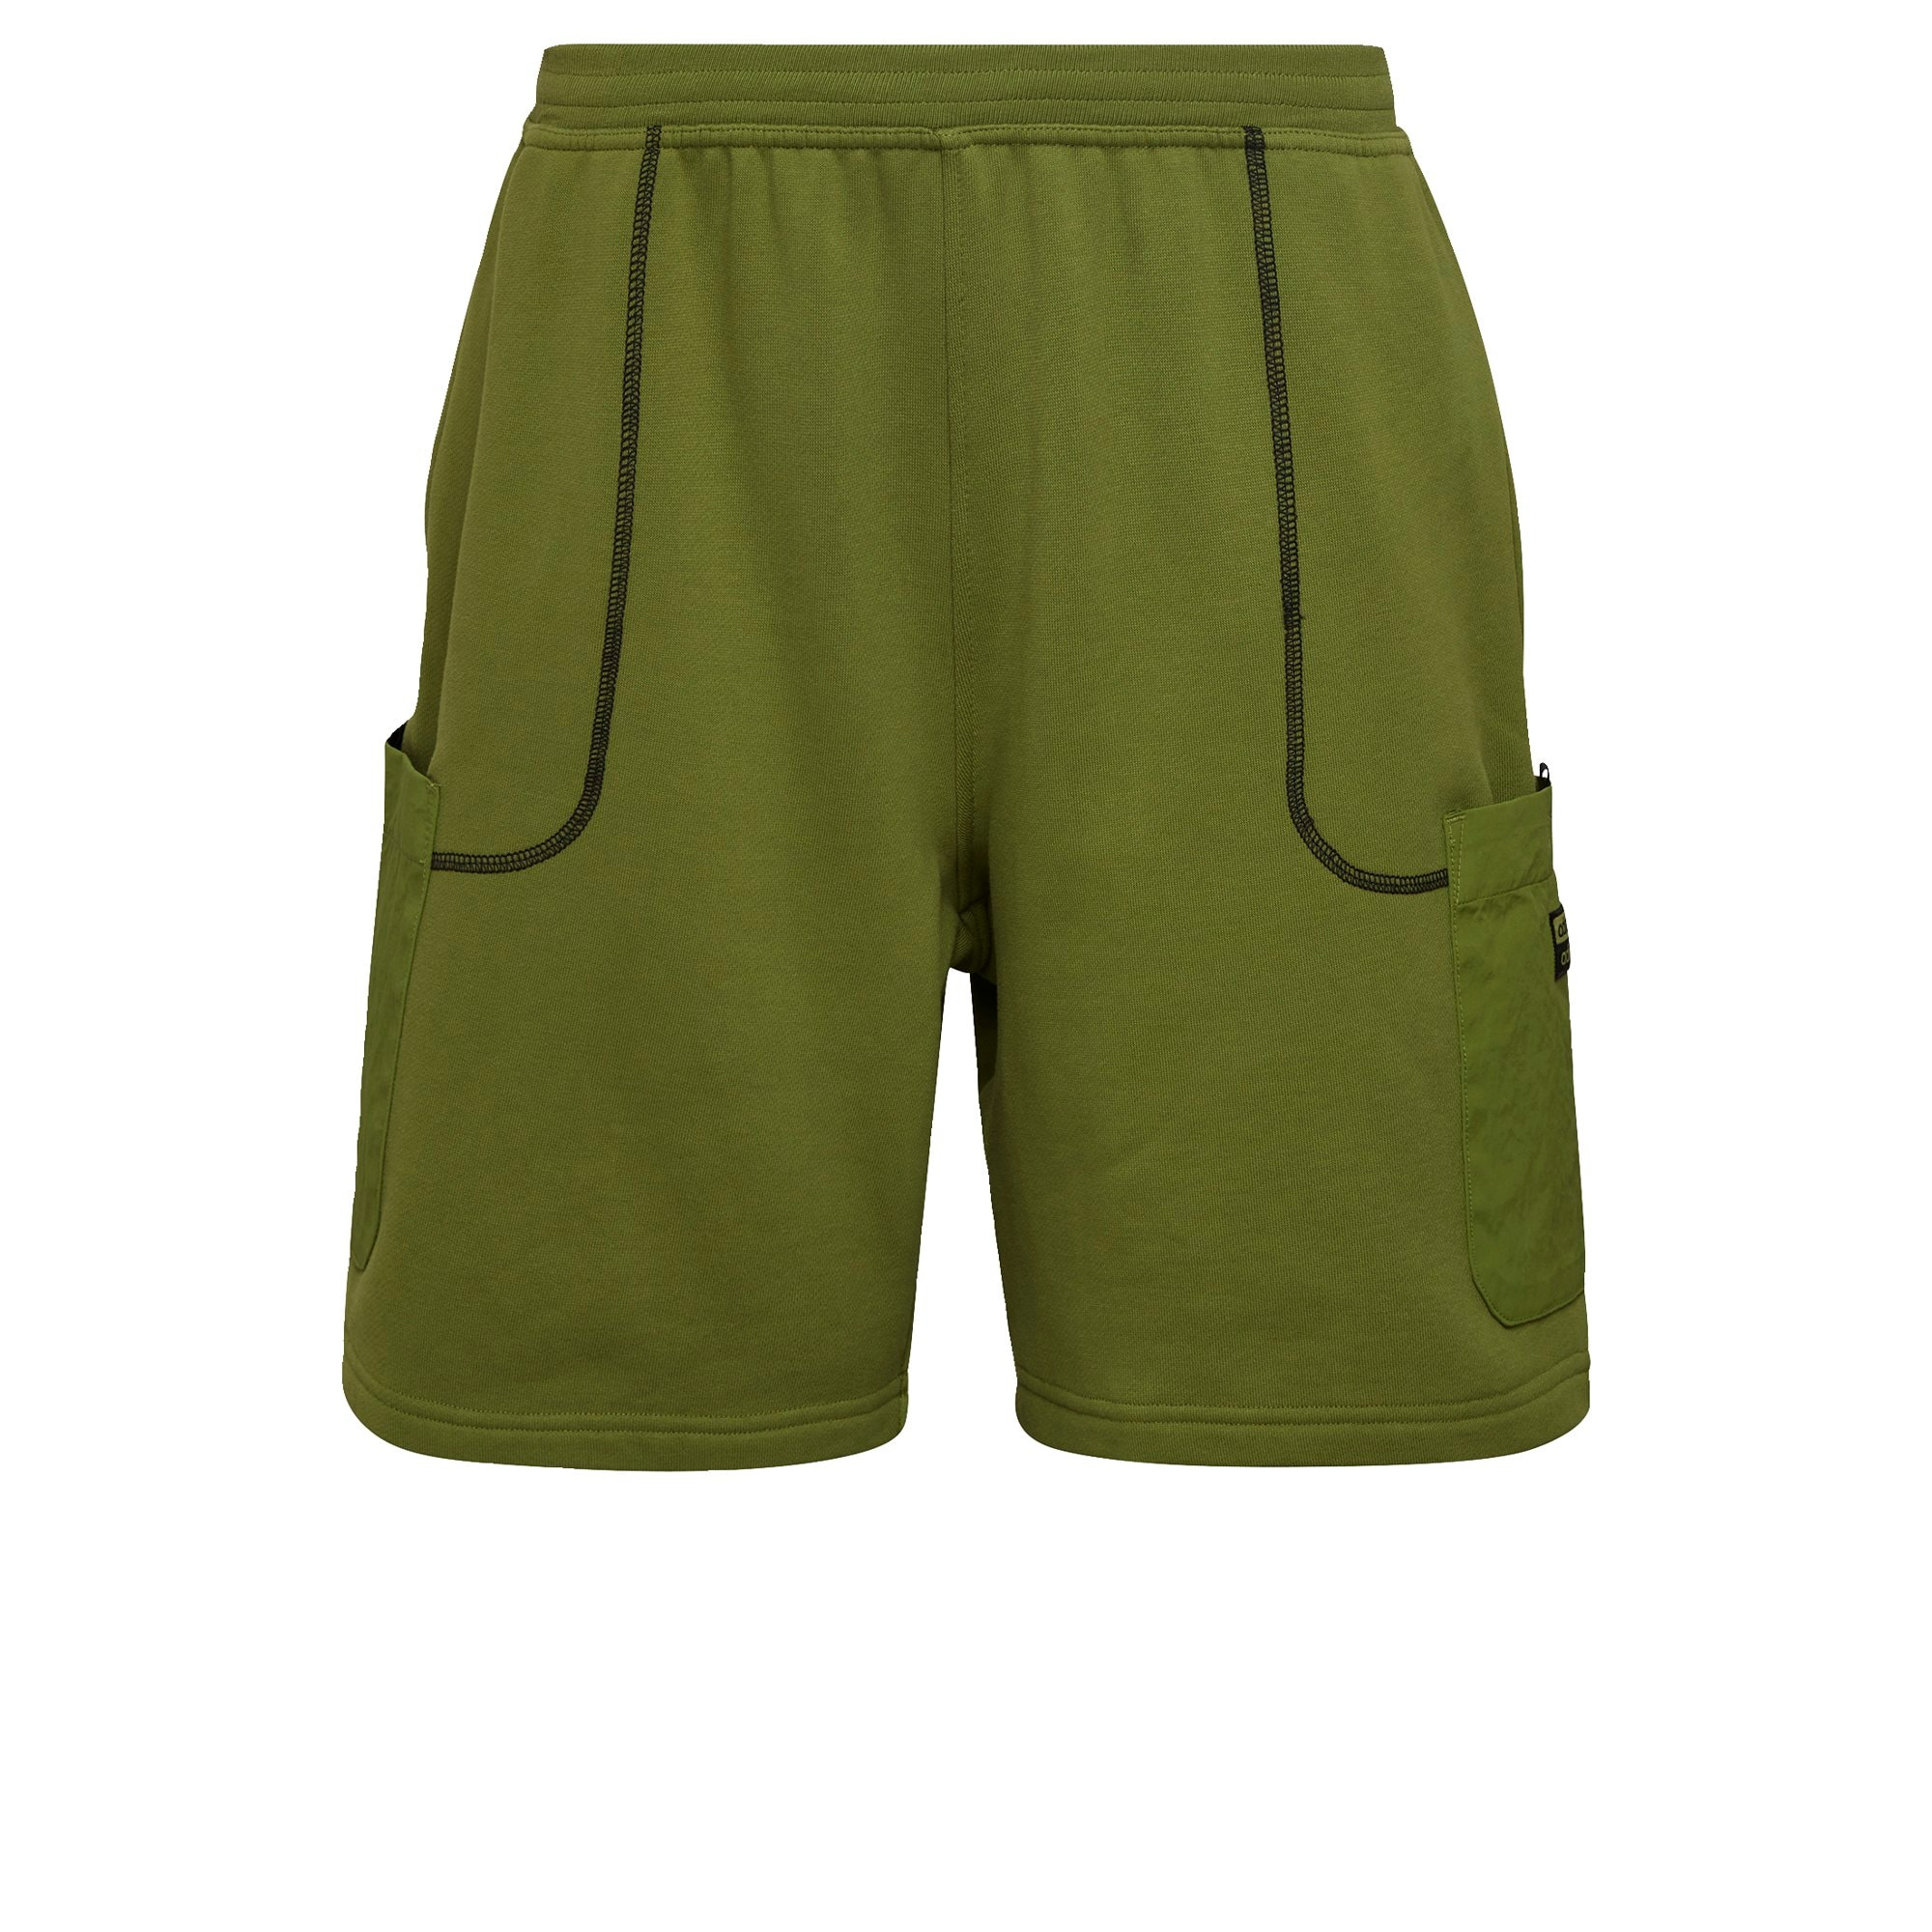 ADIDAS ORIGINALS Kelnės tamsiai žalia / žalia